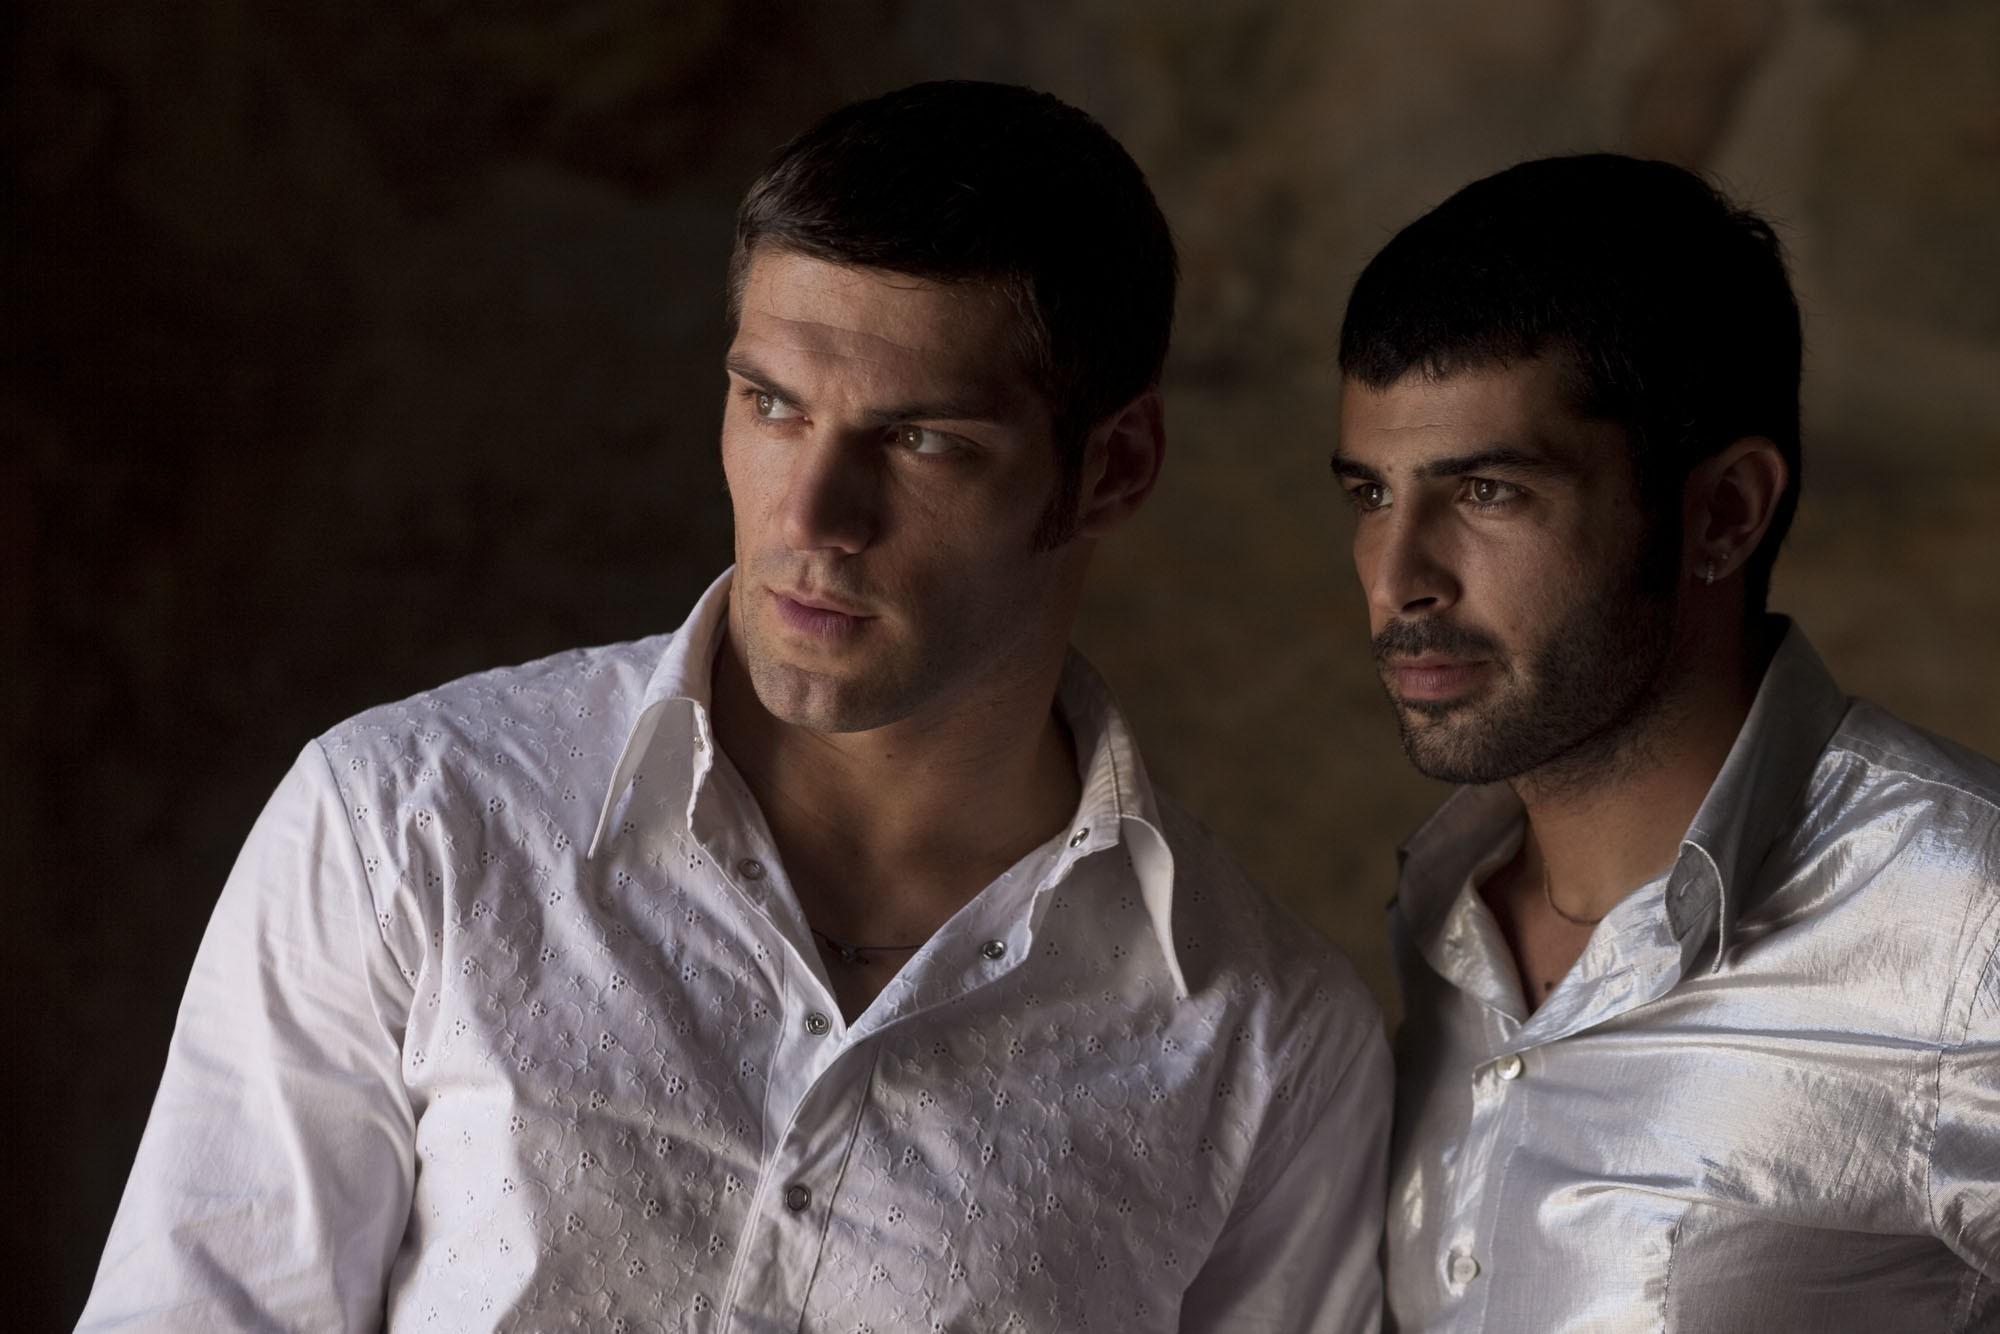 Wallpaper: Clemente Russo e Carmine Recano interpretano Michele e Rosario nel film Tatanka Scatenato